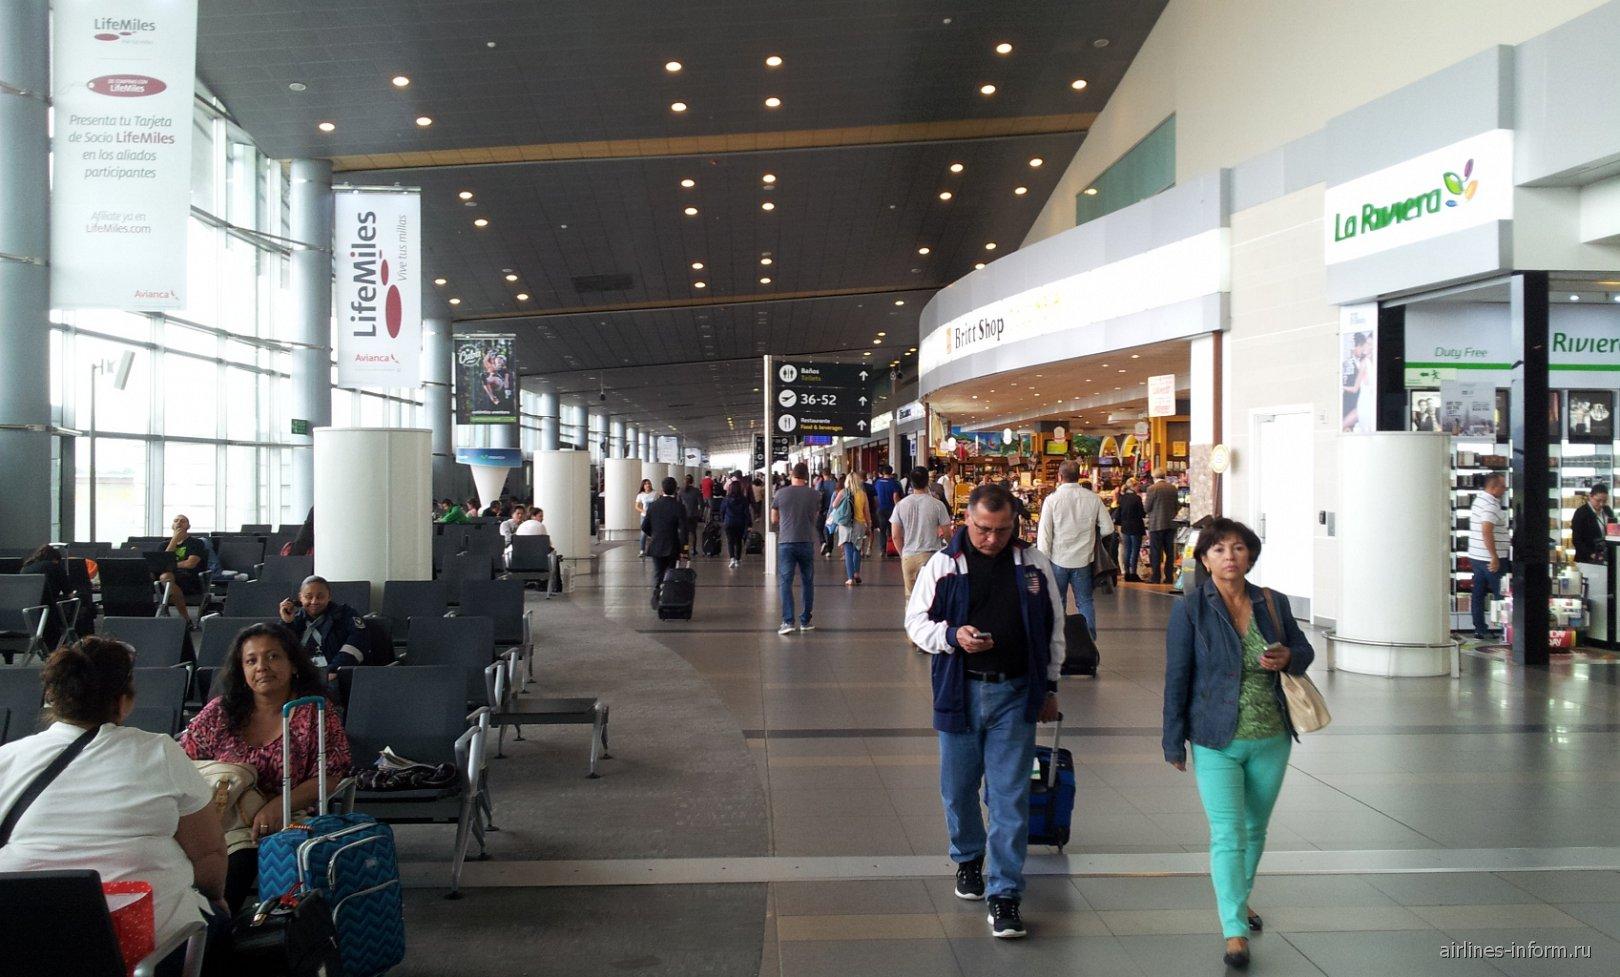 В чистой зоне международного терминала аэропорта Богота Эльдорадо